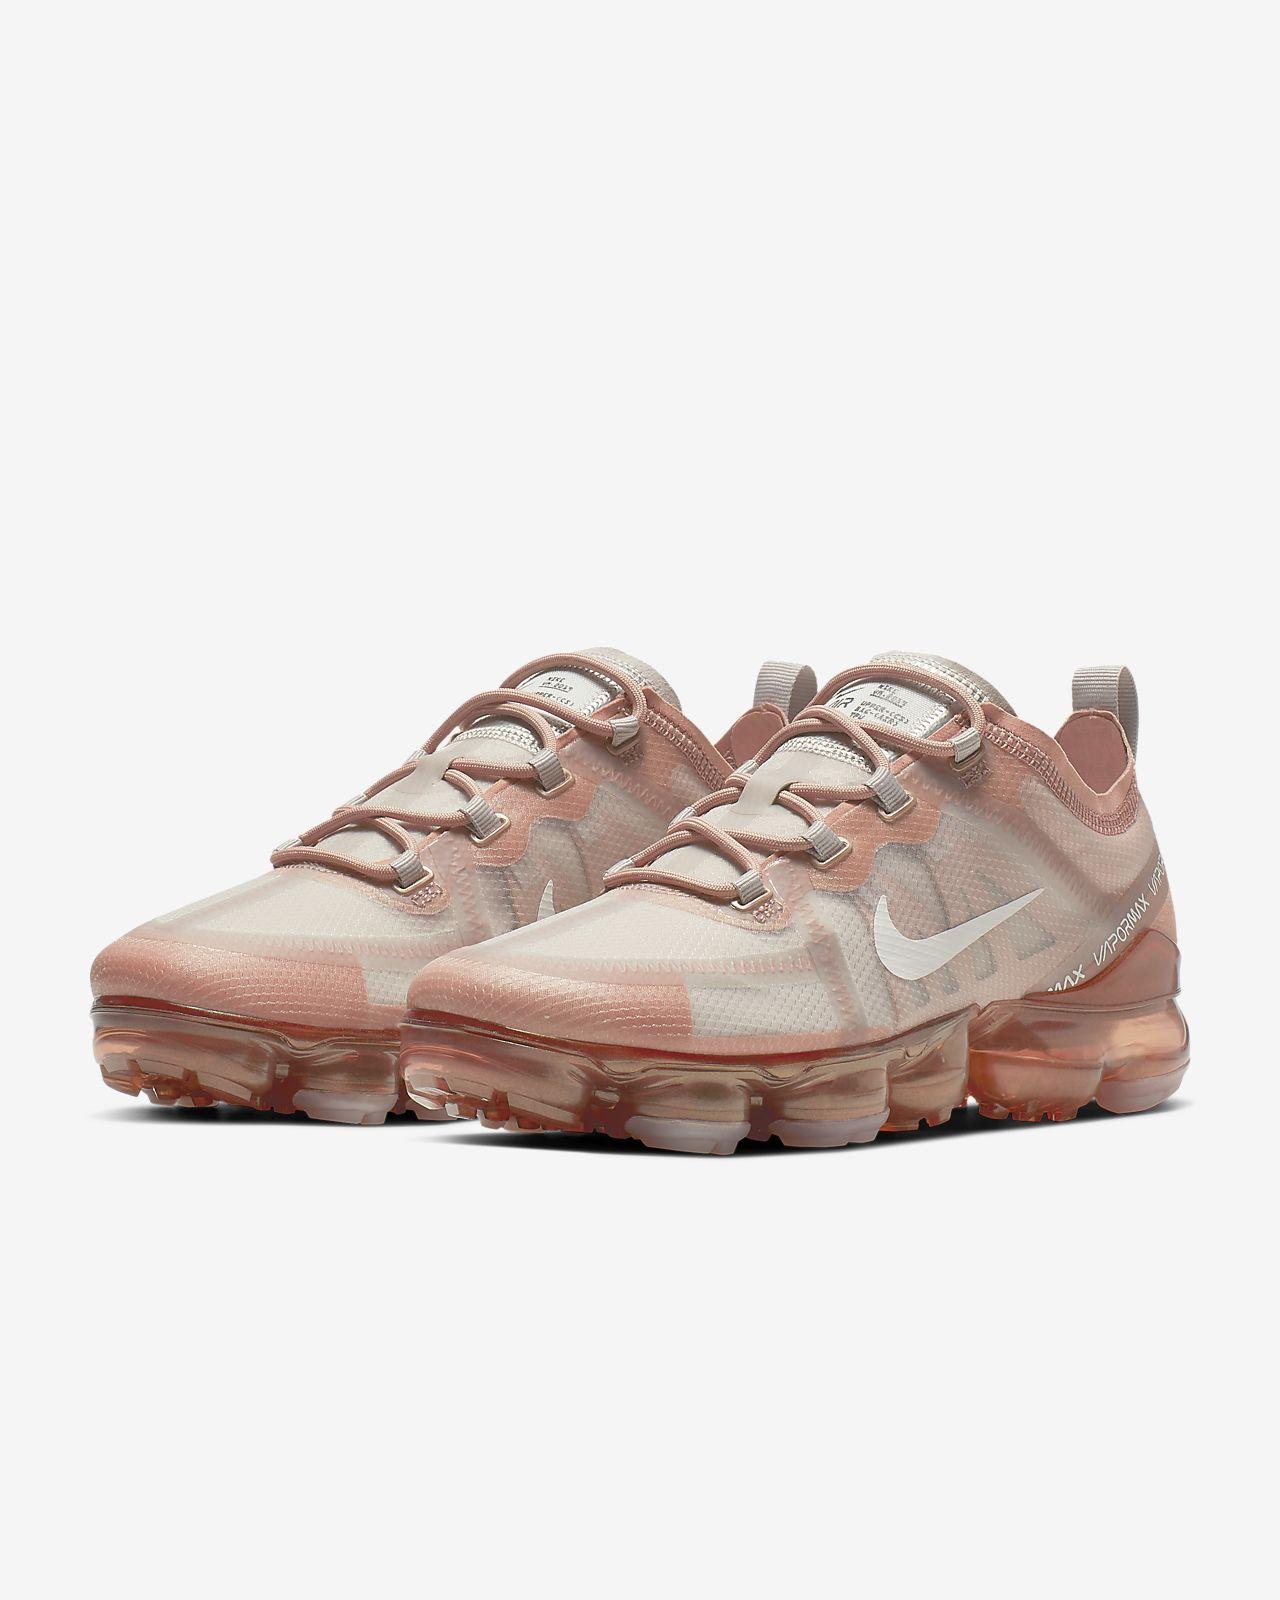 02d254b7acd4b Nike Air VaporMax 2019 Women s Shoe. Nike.com ZA